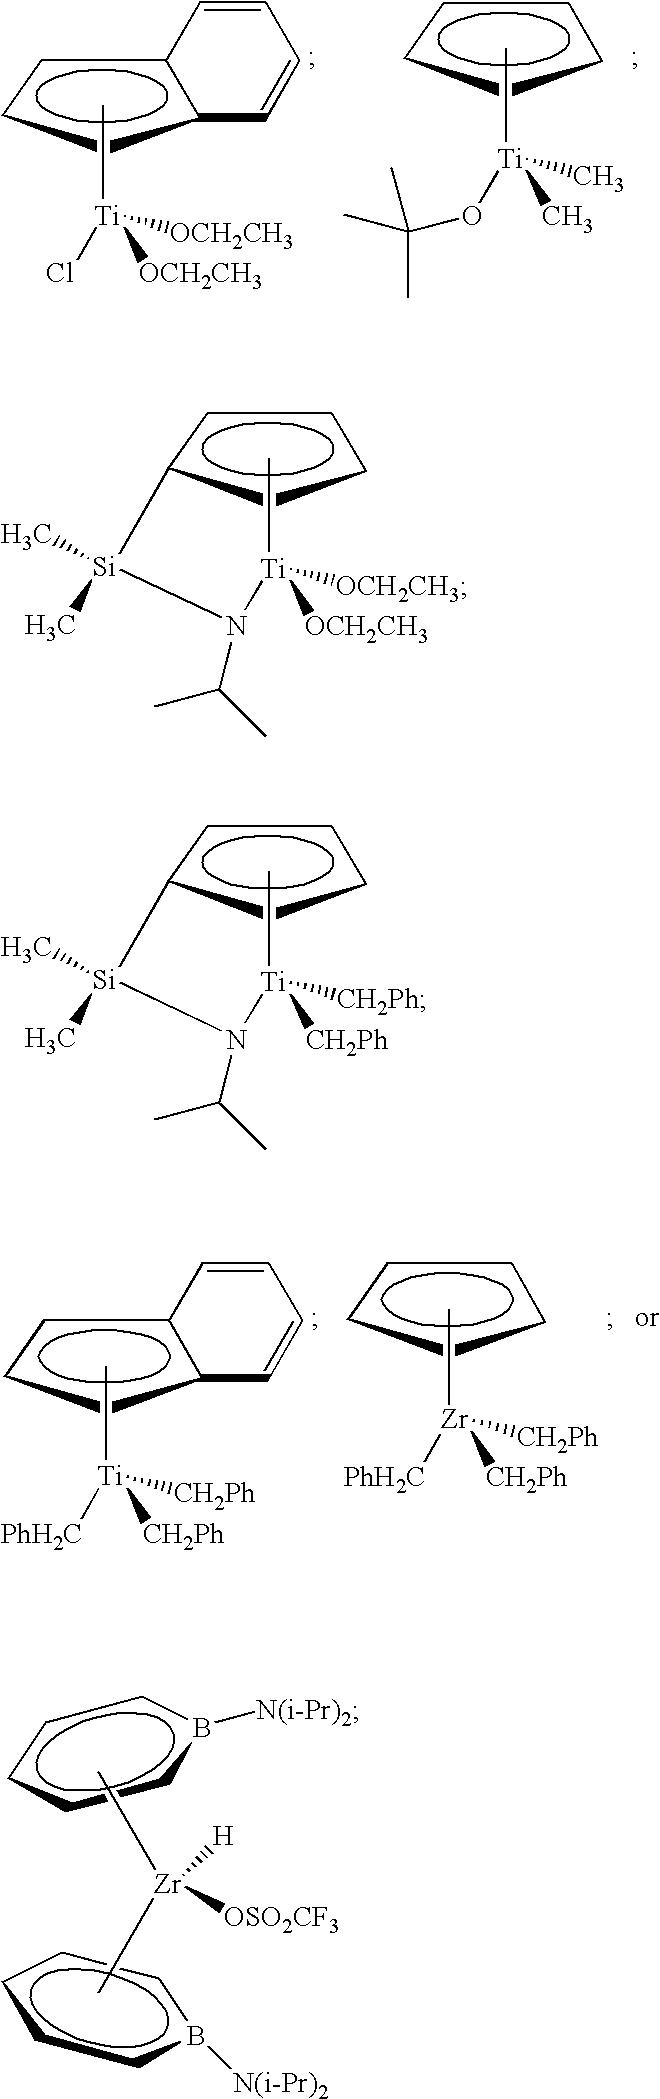 Figure US20100076167A1-20100325-C00019